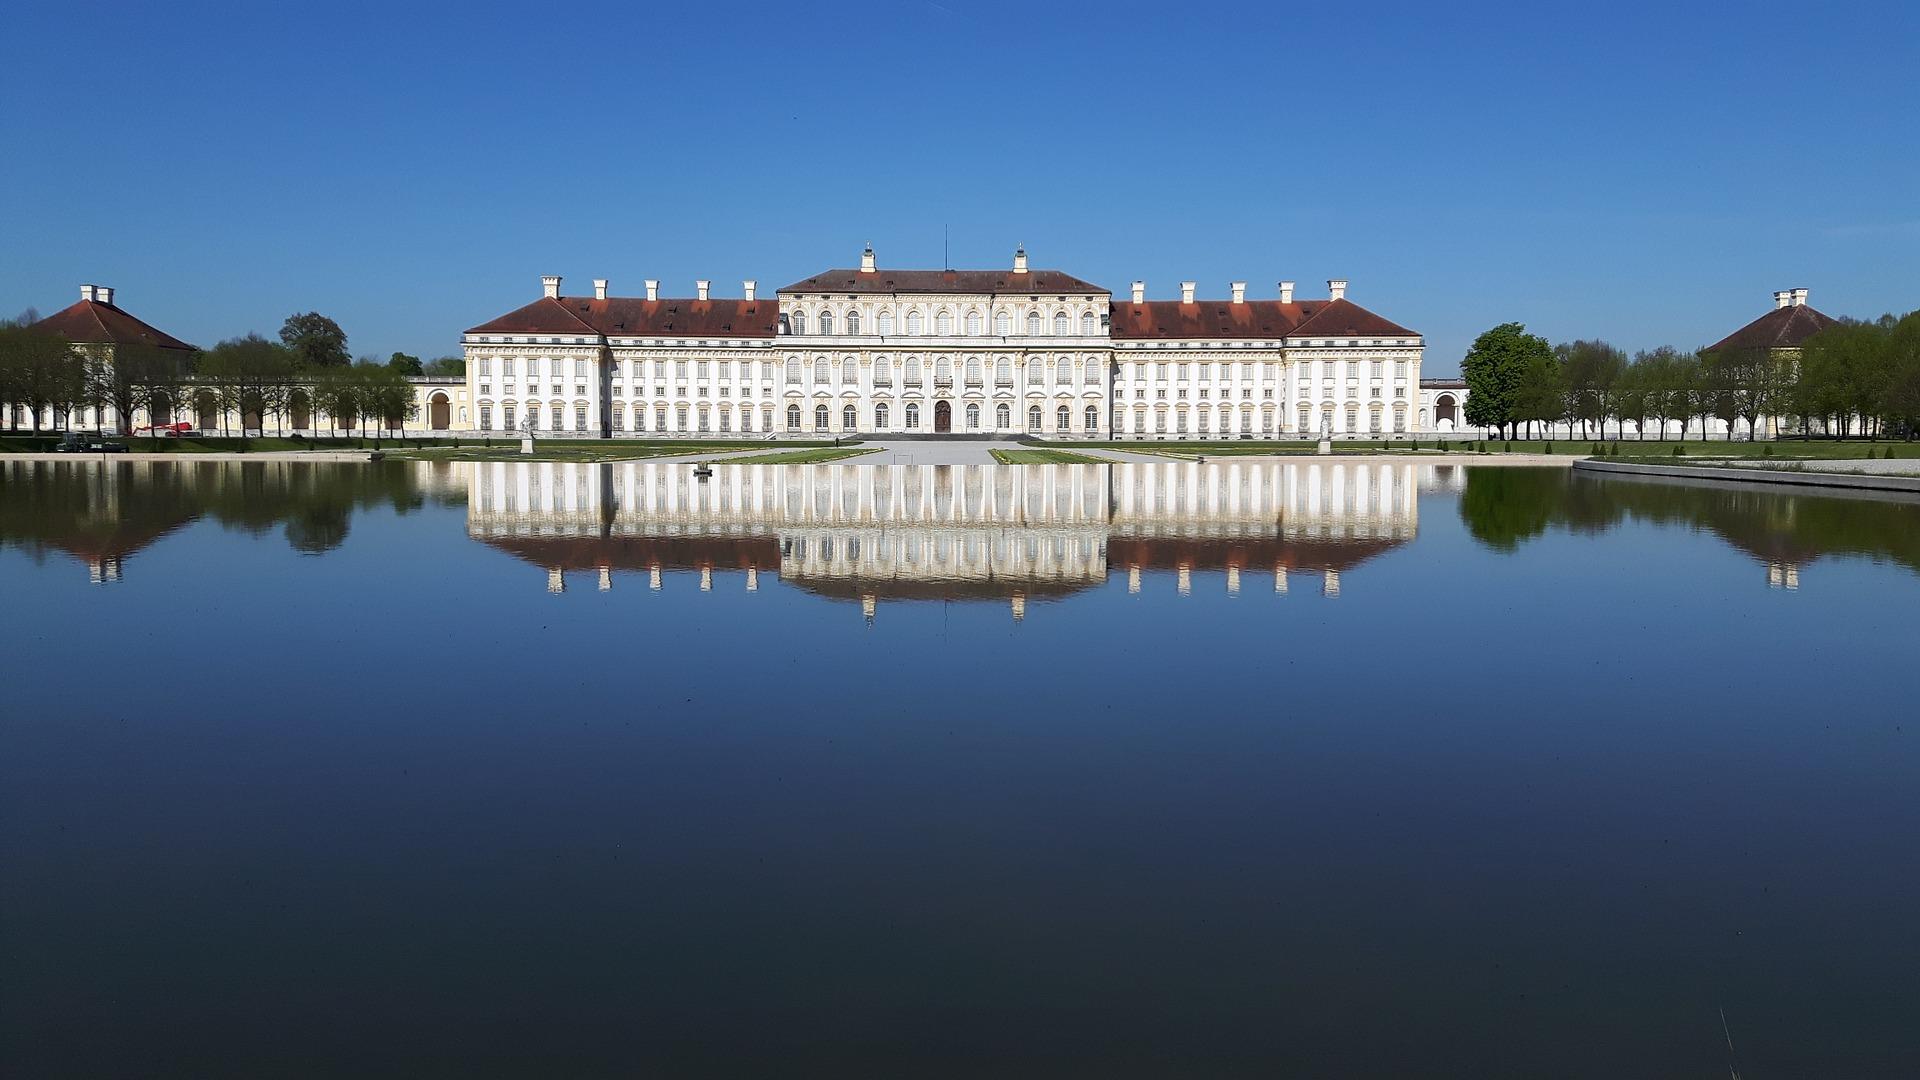 castello-schleissheim-baviera